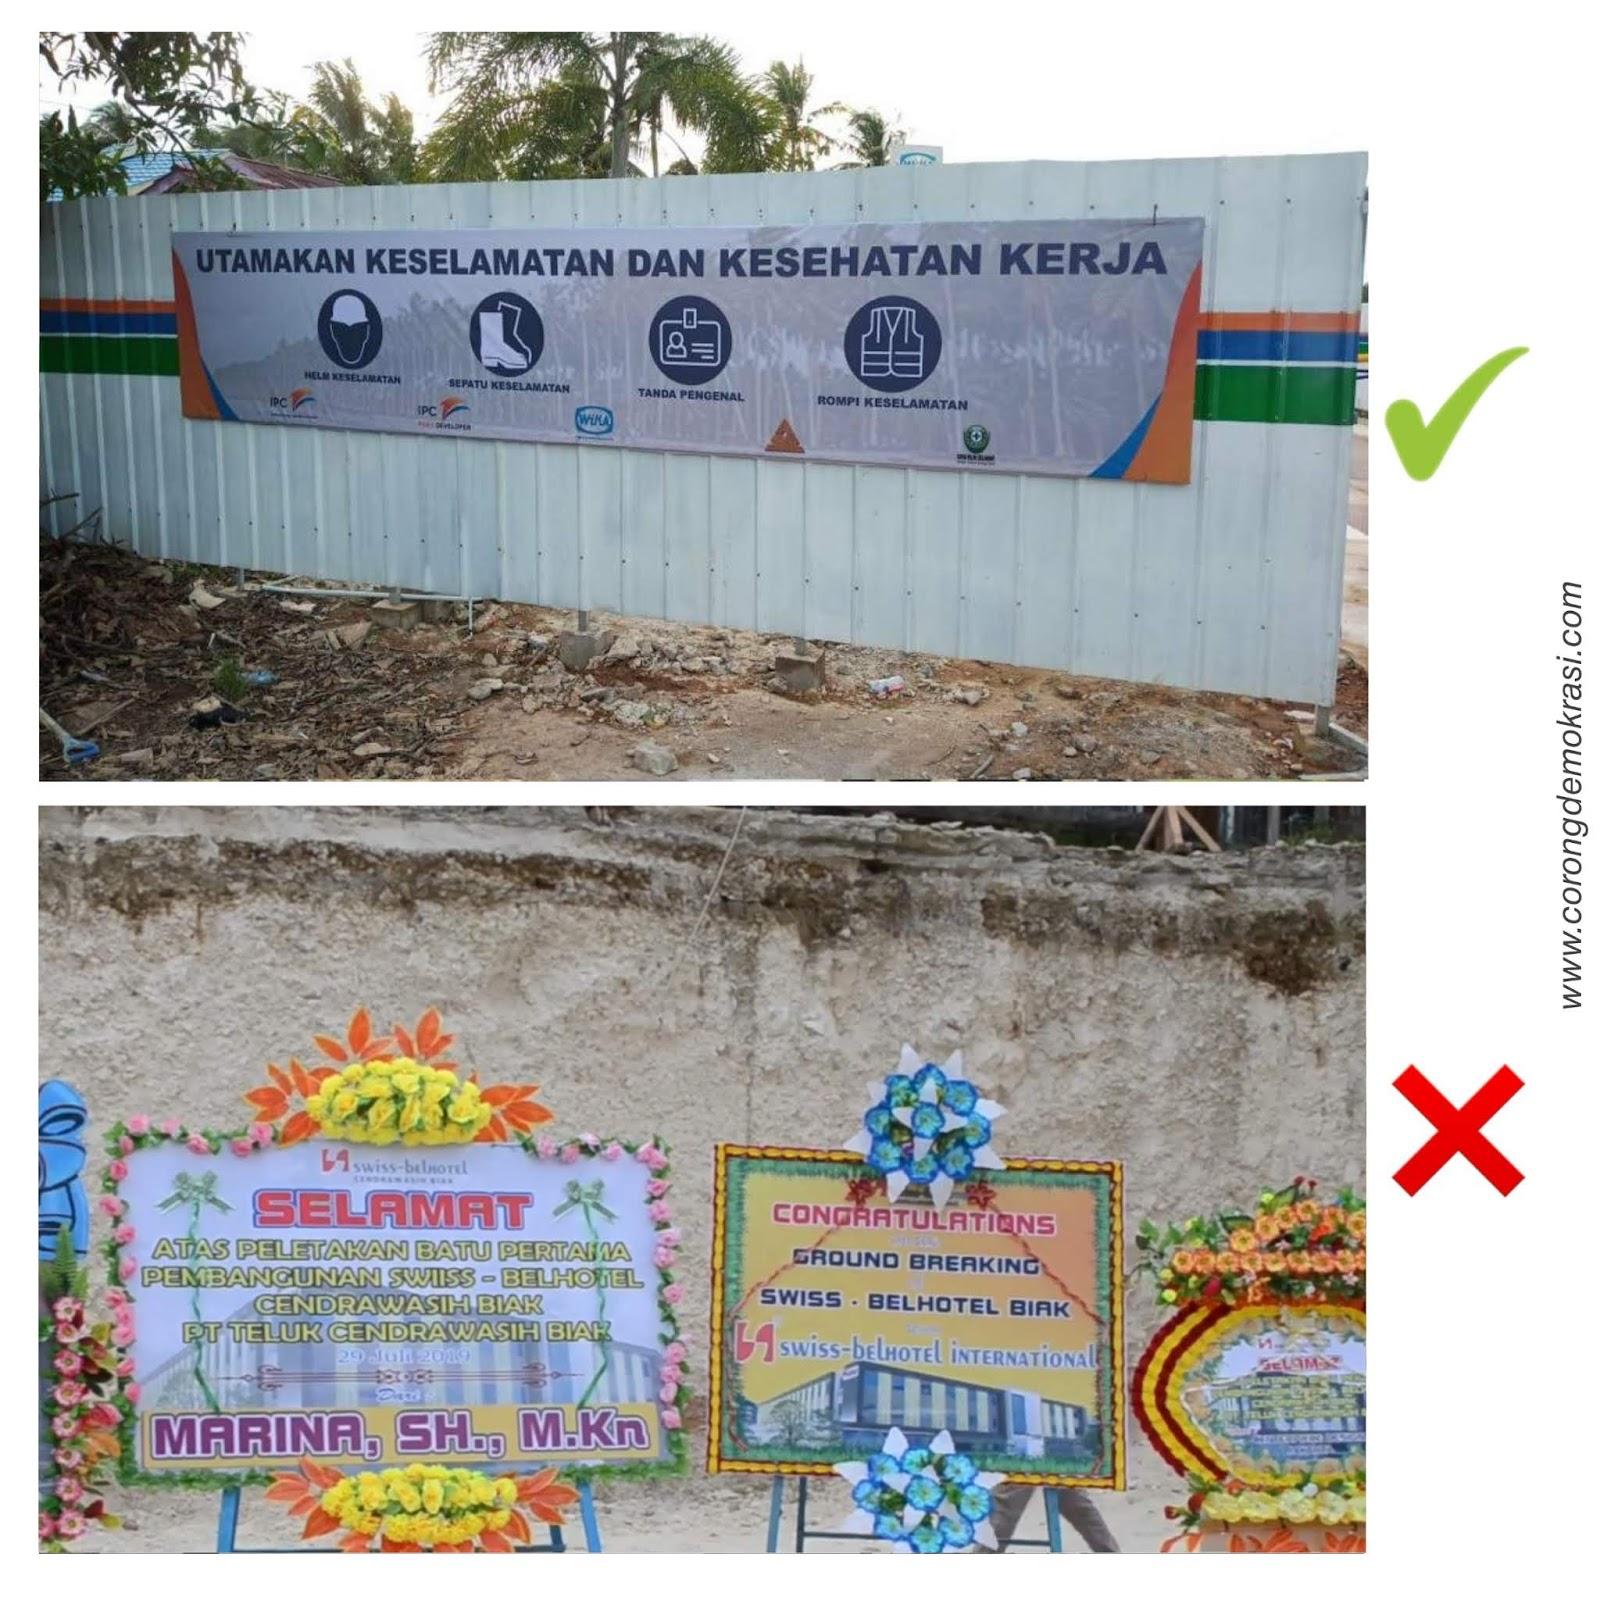 Pembangunan Hotel Bintang 4 Di Kab Biak Numfor Labrak Aturan Kesehatan Dan Keselamatan Kerja Konstruksi